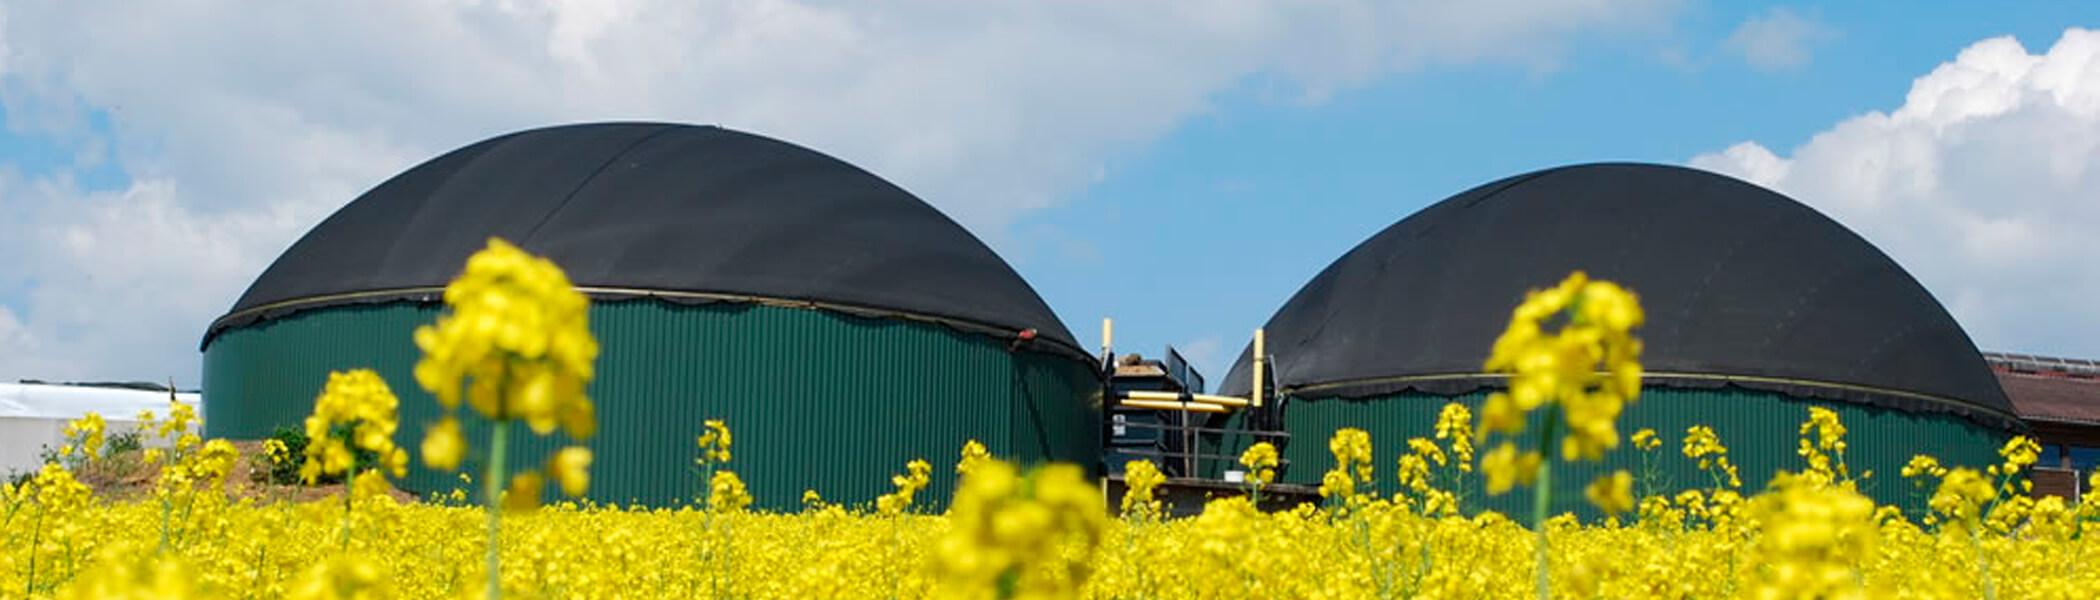 Biogasanlage-2